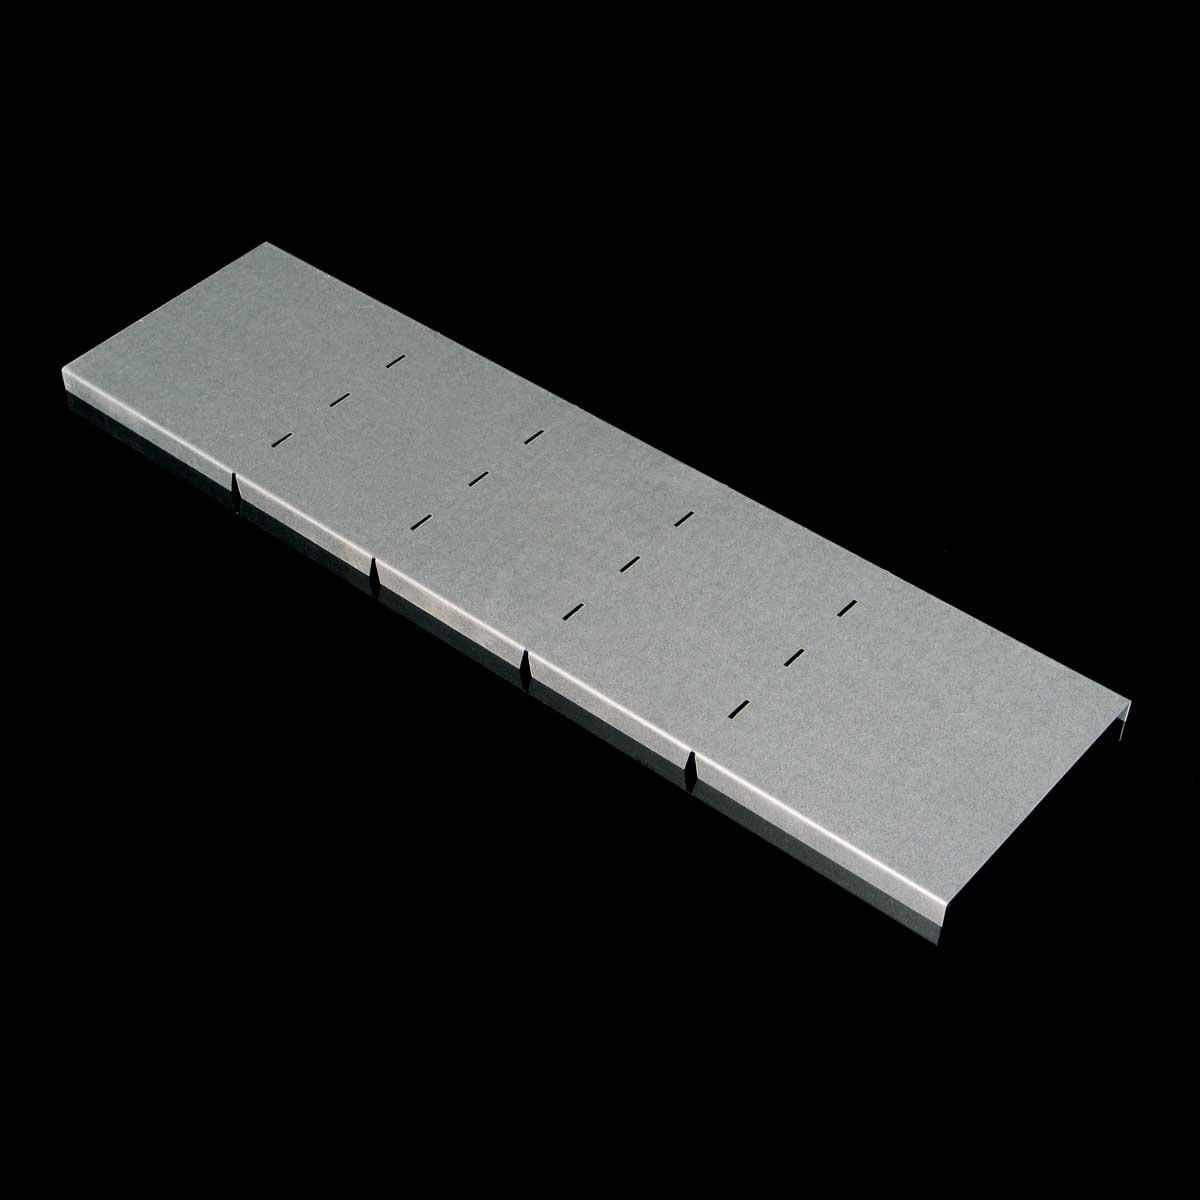 Кришка вертикального повороту зовнішнього 90° JUPITER; розміри-60x400x245mm Товщ. метал-1 Вага-1,45кг/м